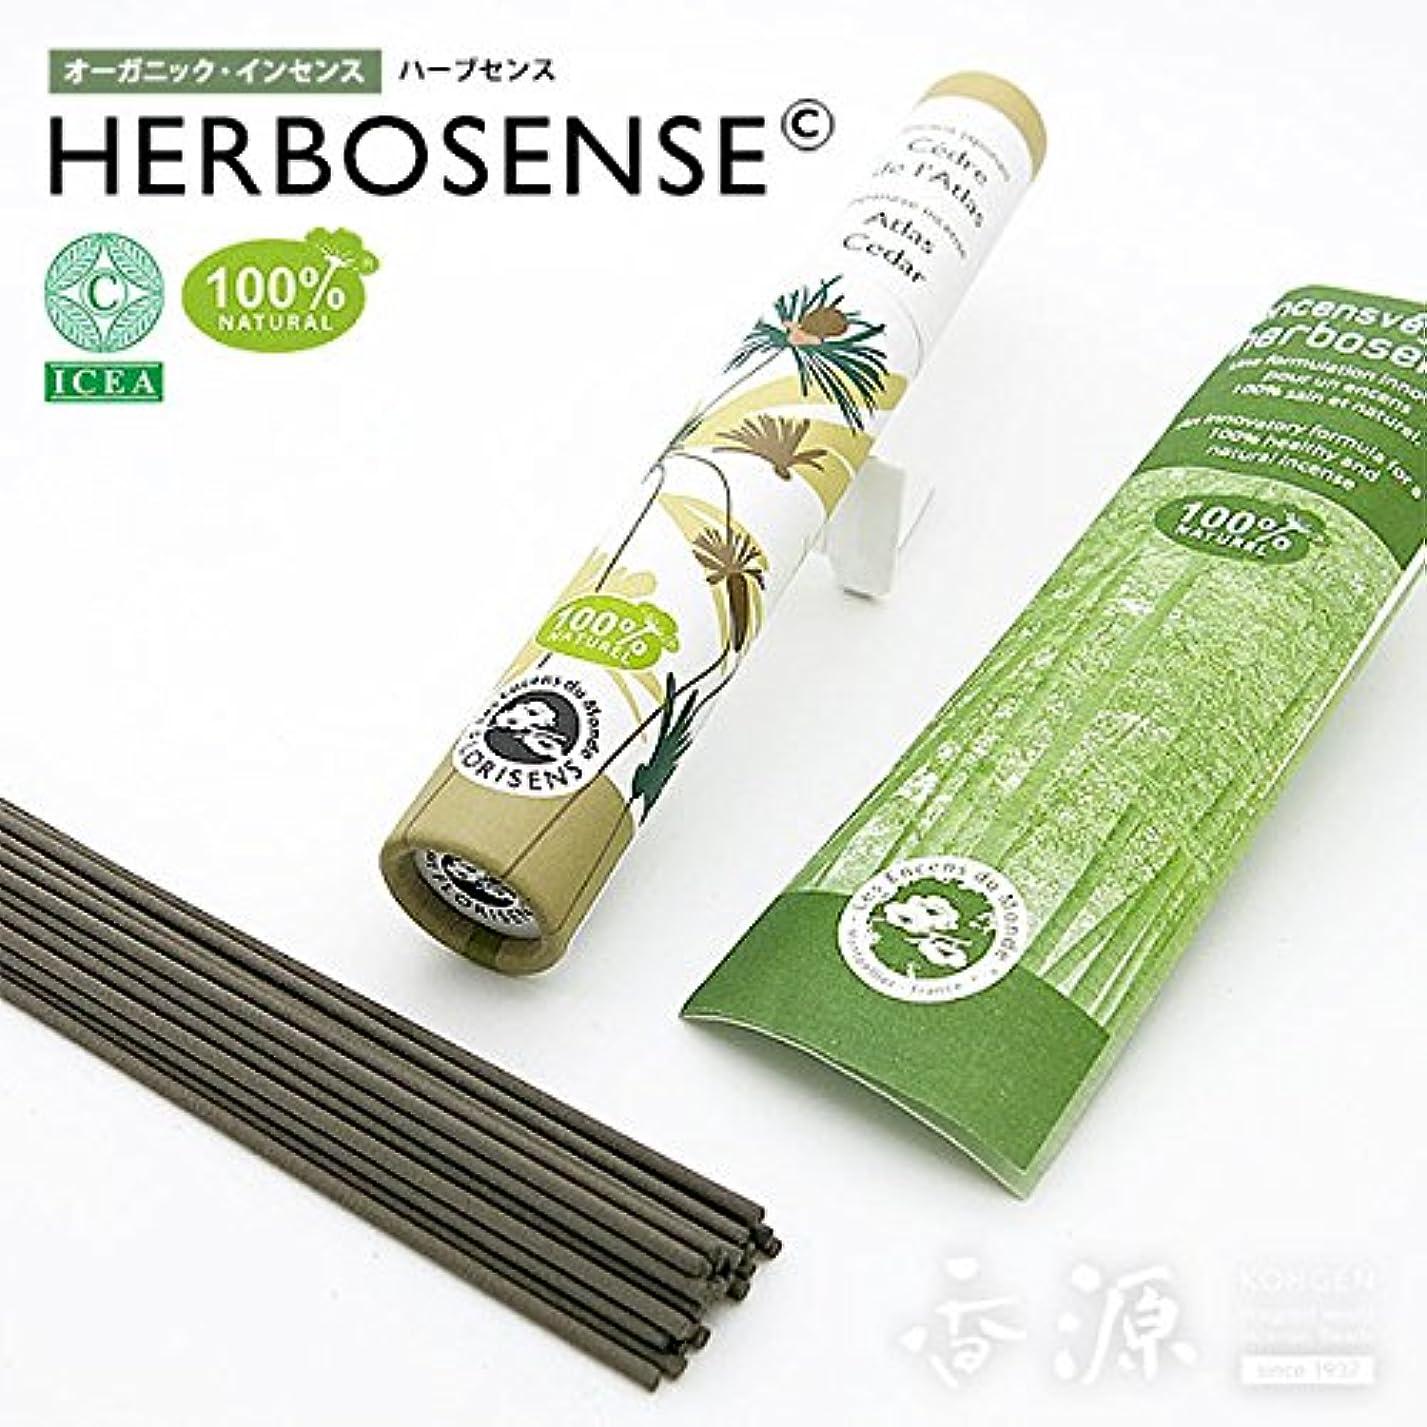 物質広々とした公然と薫寿堂のお香 ハーブセンス アトラスセダー